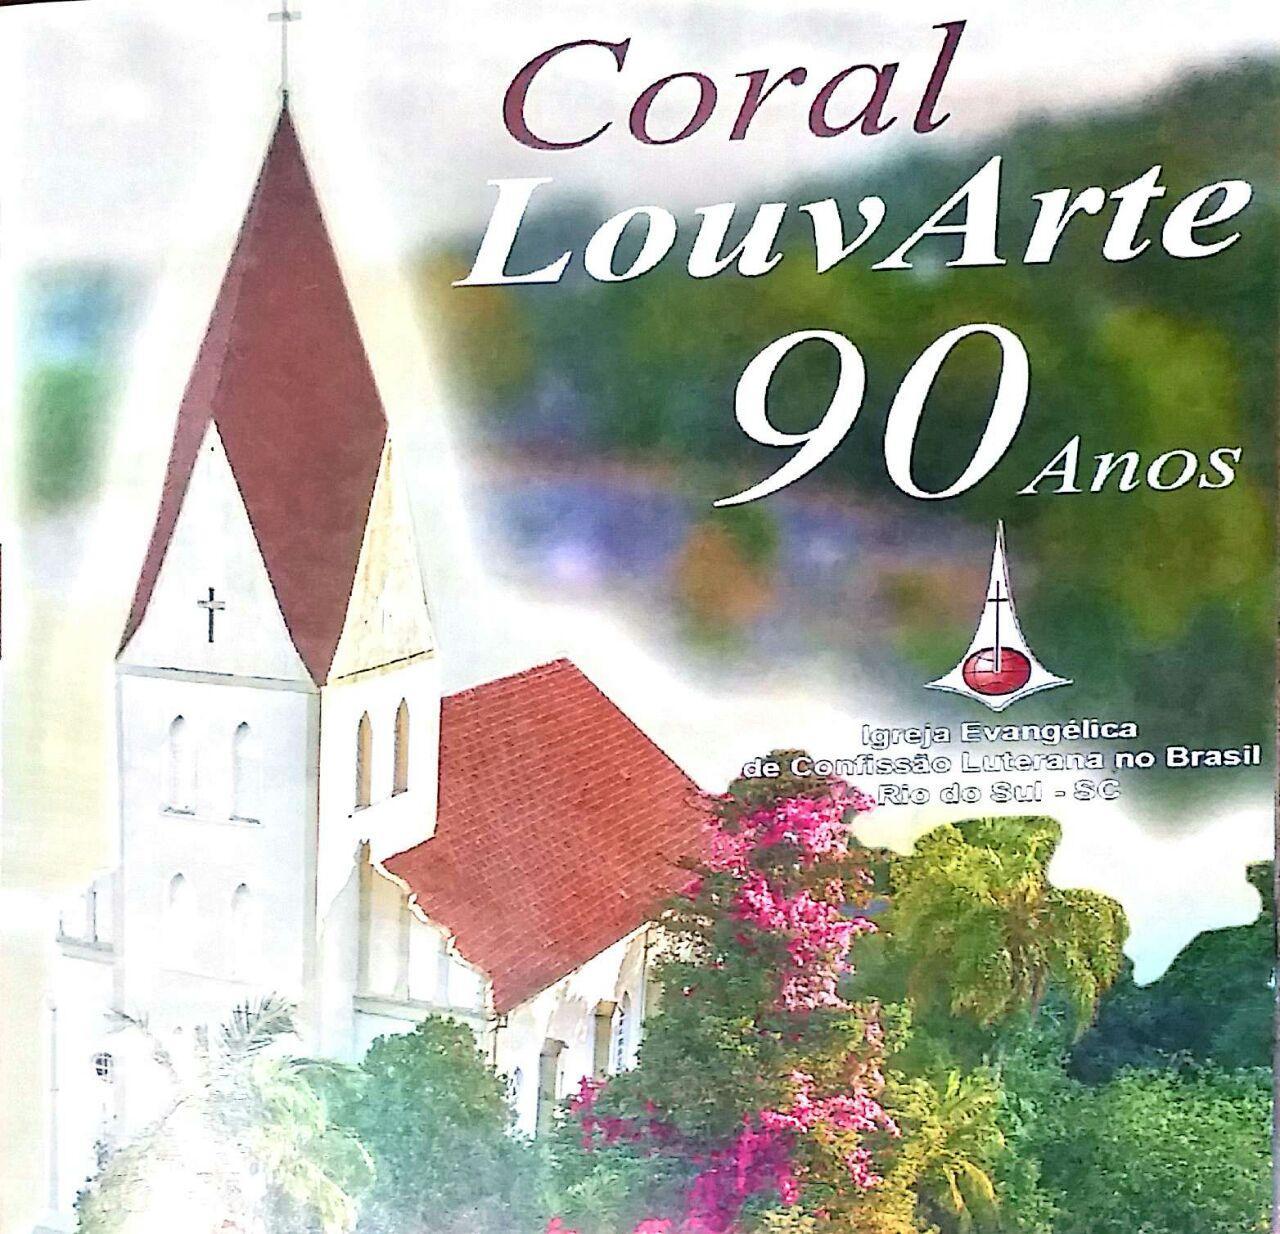 Coral LouvArte de Rio do Sul lança CD comemorativo aos 90 anos de história